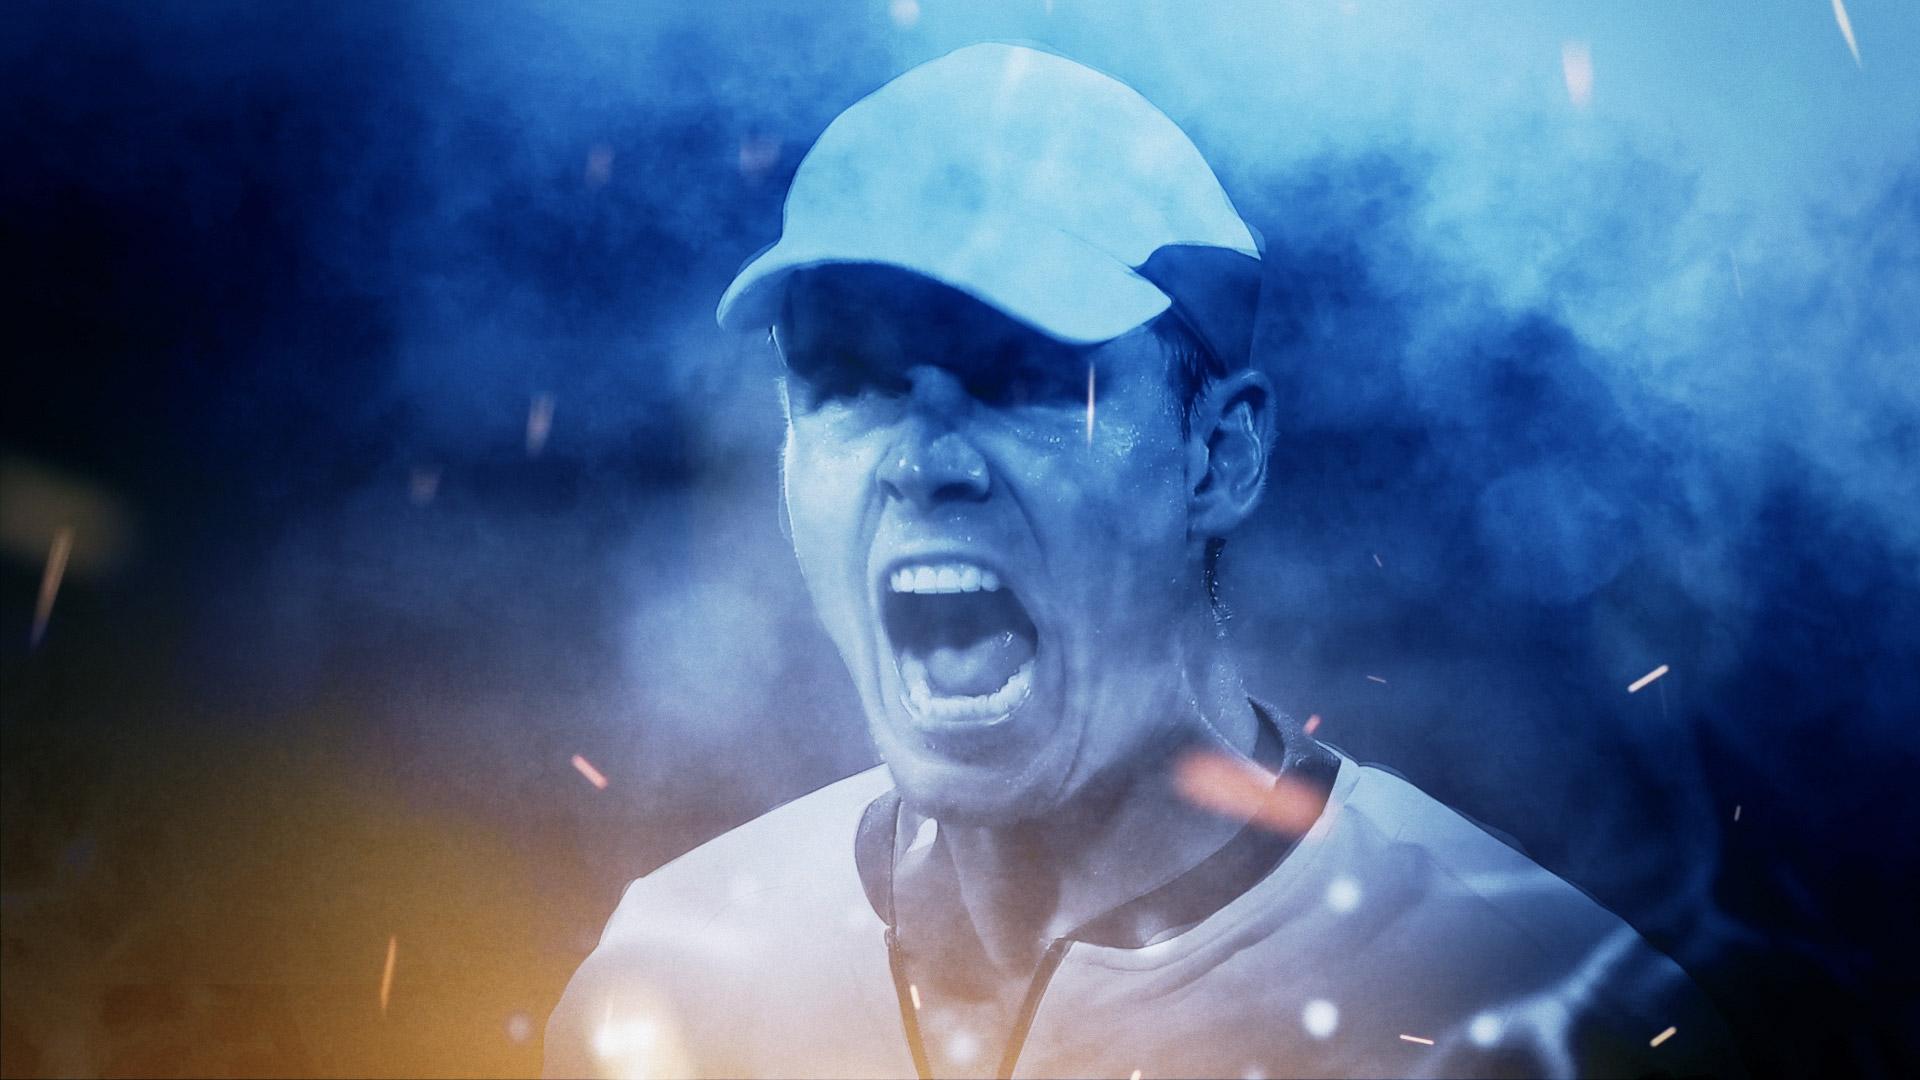 Berdych é o top 8 com menos títulos na temporada (Foto: ATP World Tour)